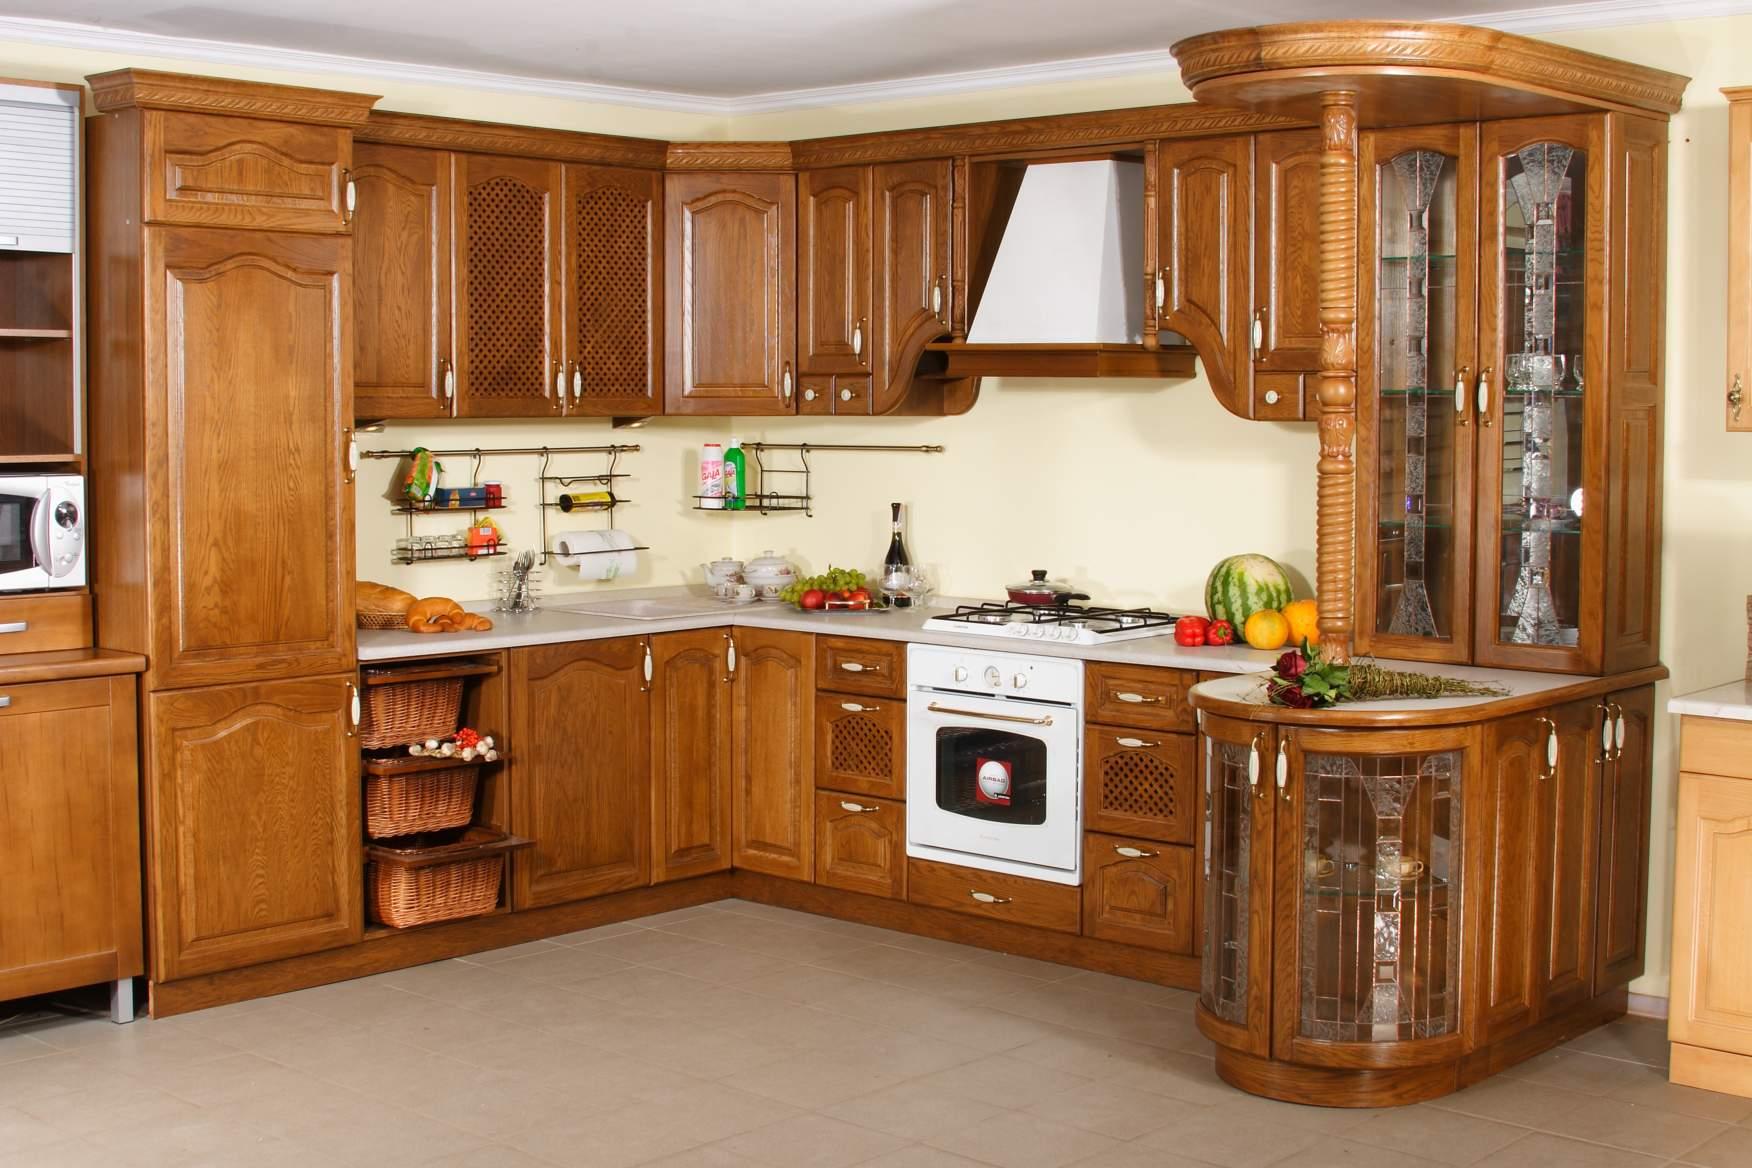 صورة مطابخ خشب , تصميمات رائعة للمطابخ